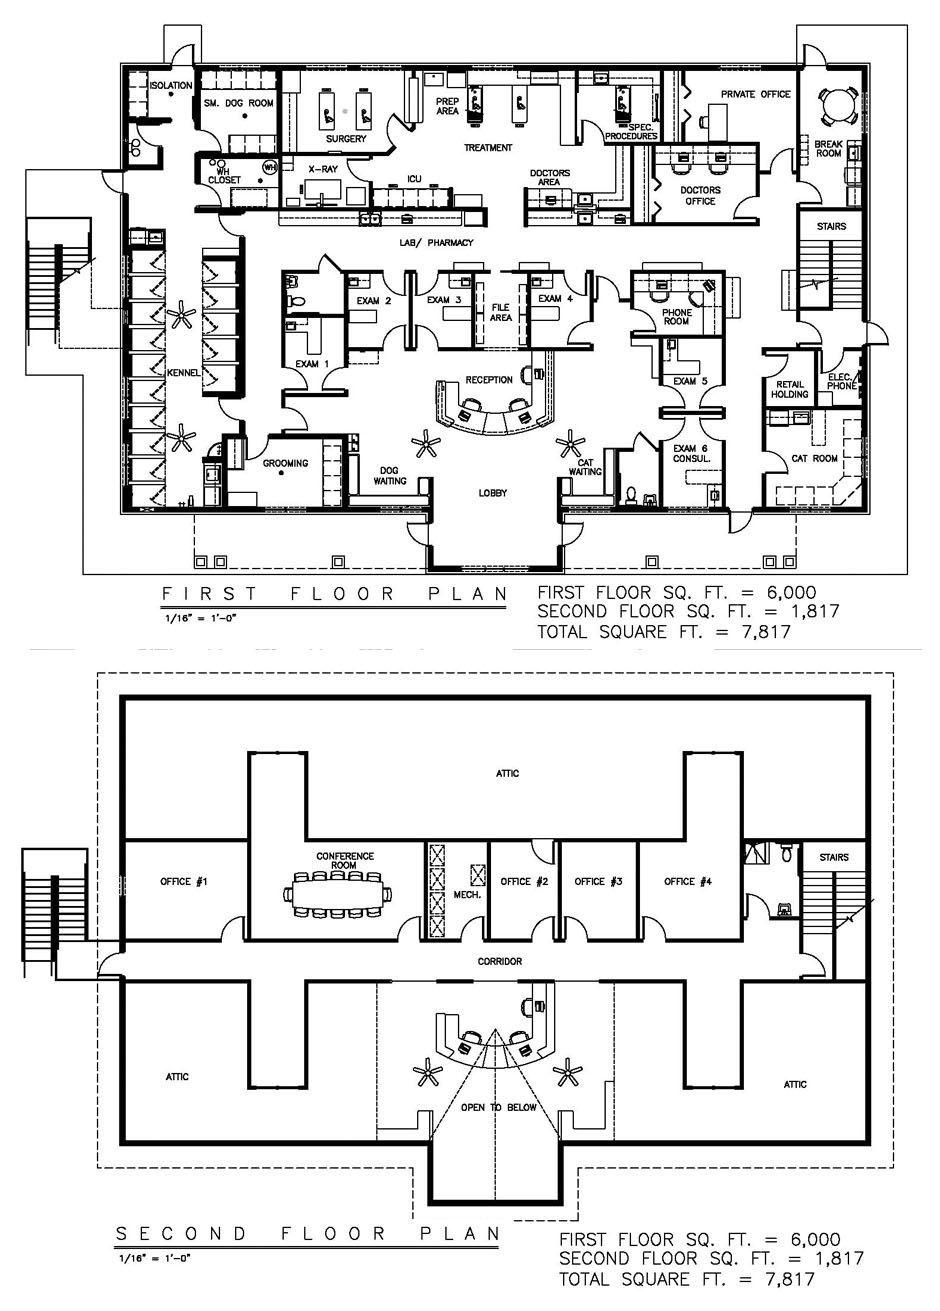 Veterinary Floor Plan Hilltop Animal Hospital Building